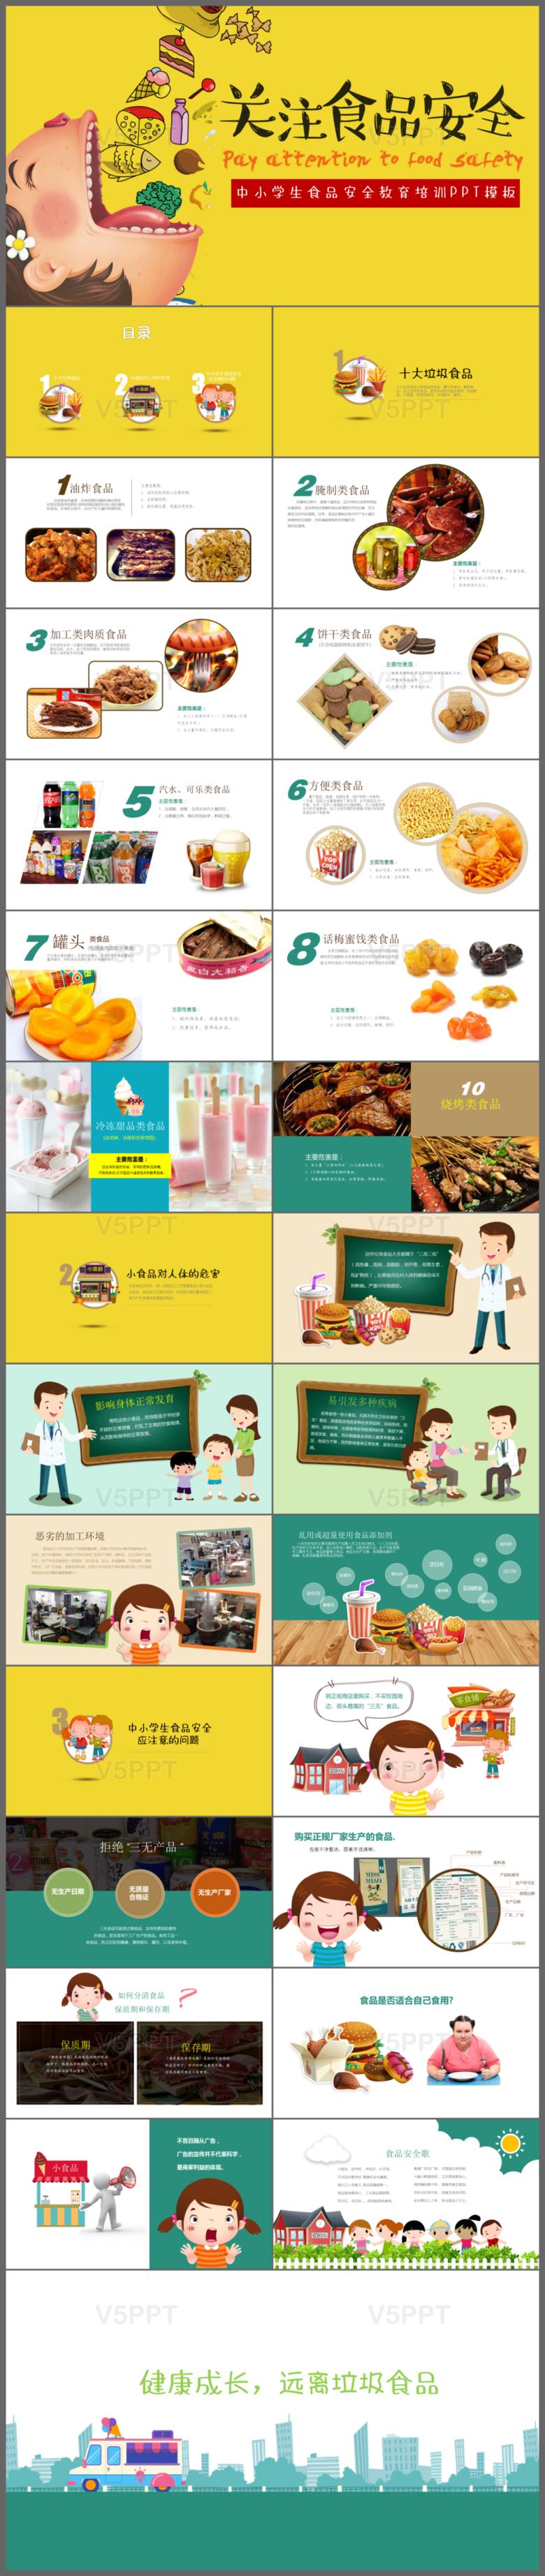 小学生食品安全安全教育ppt